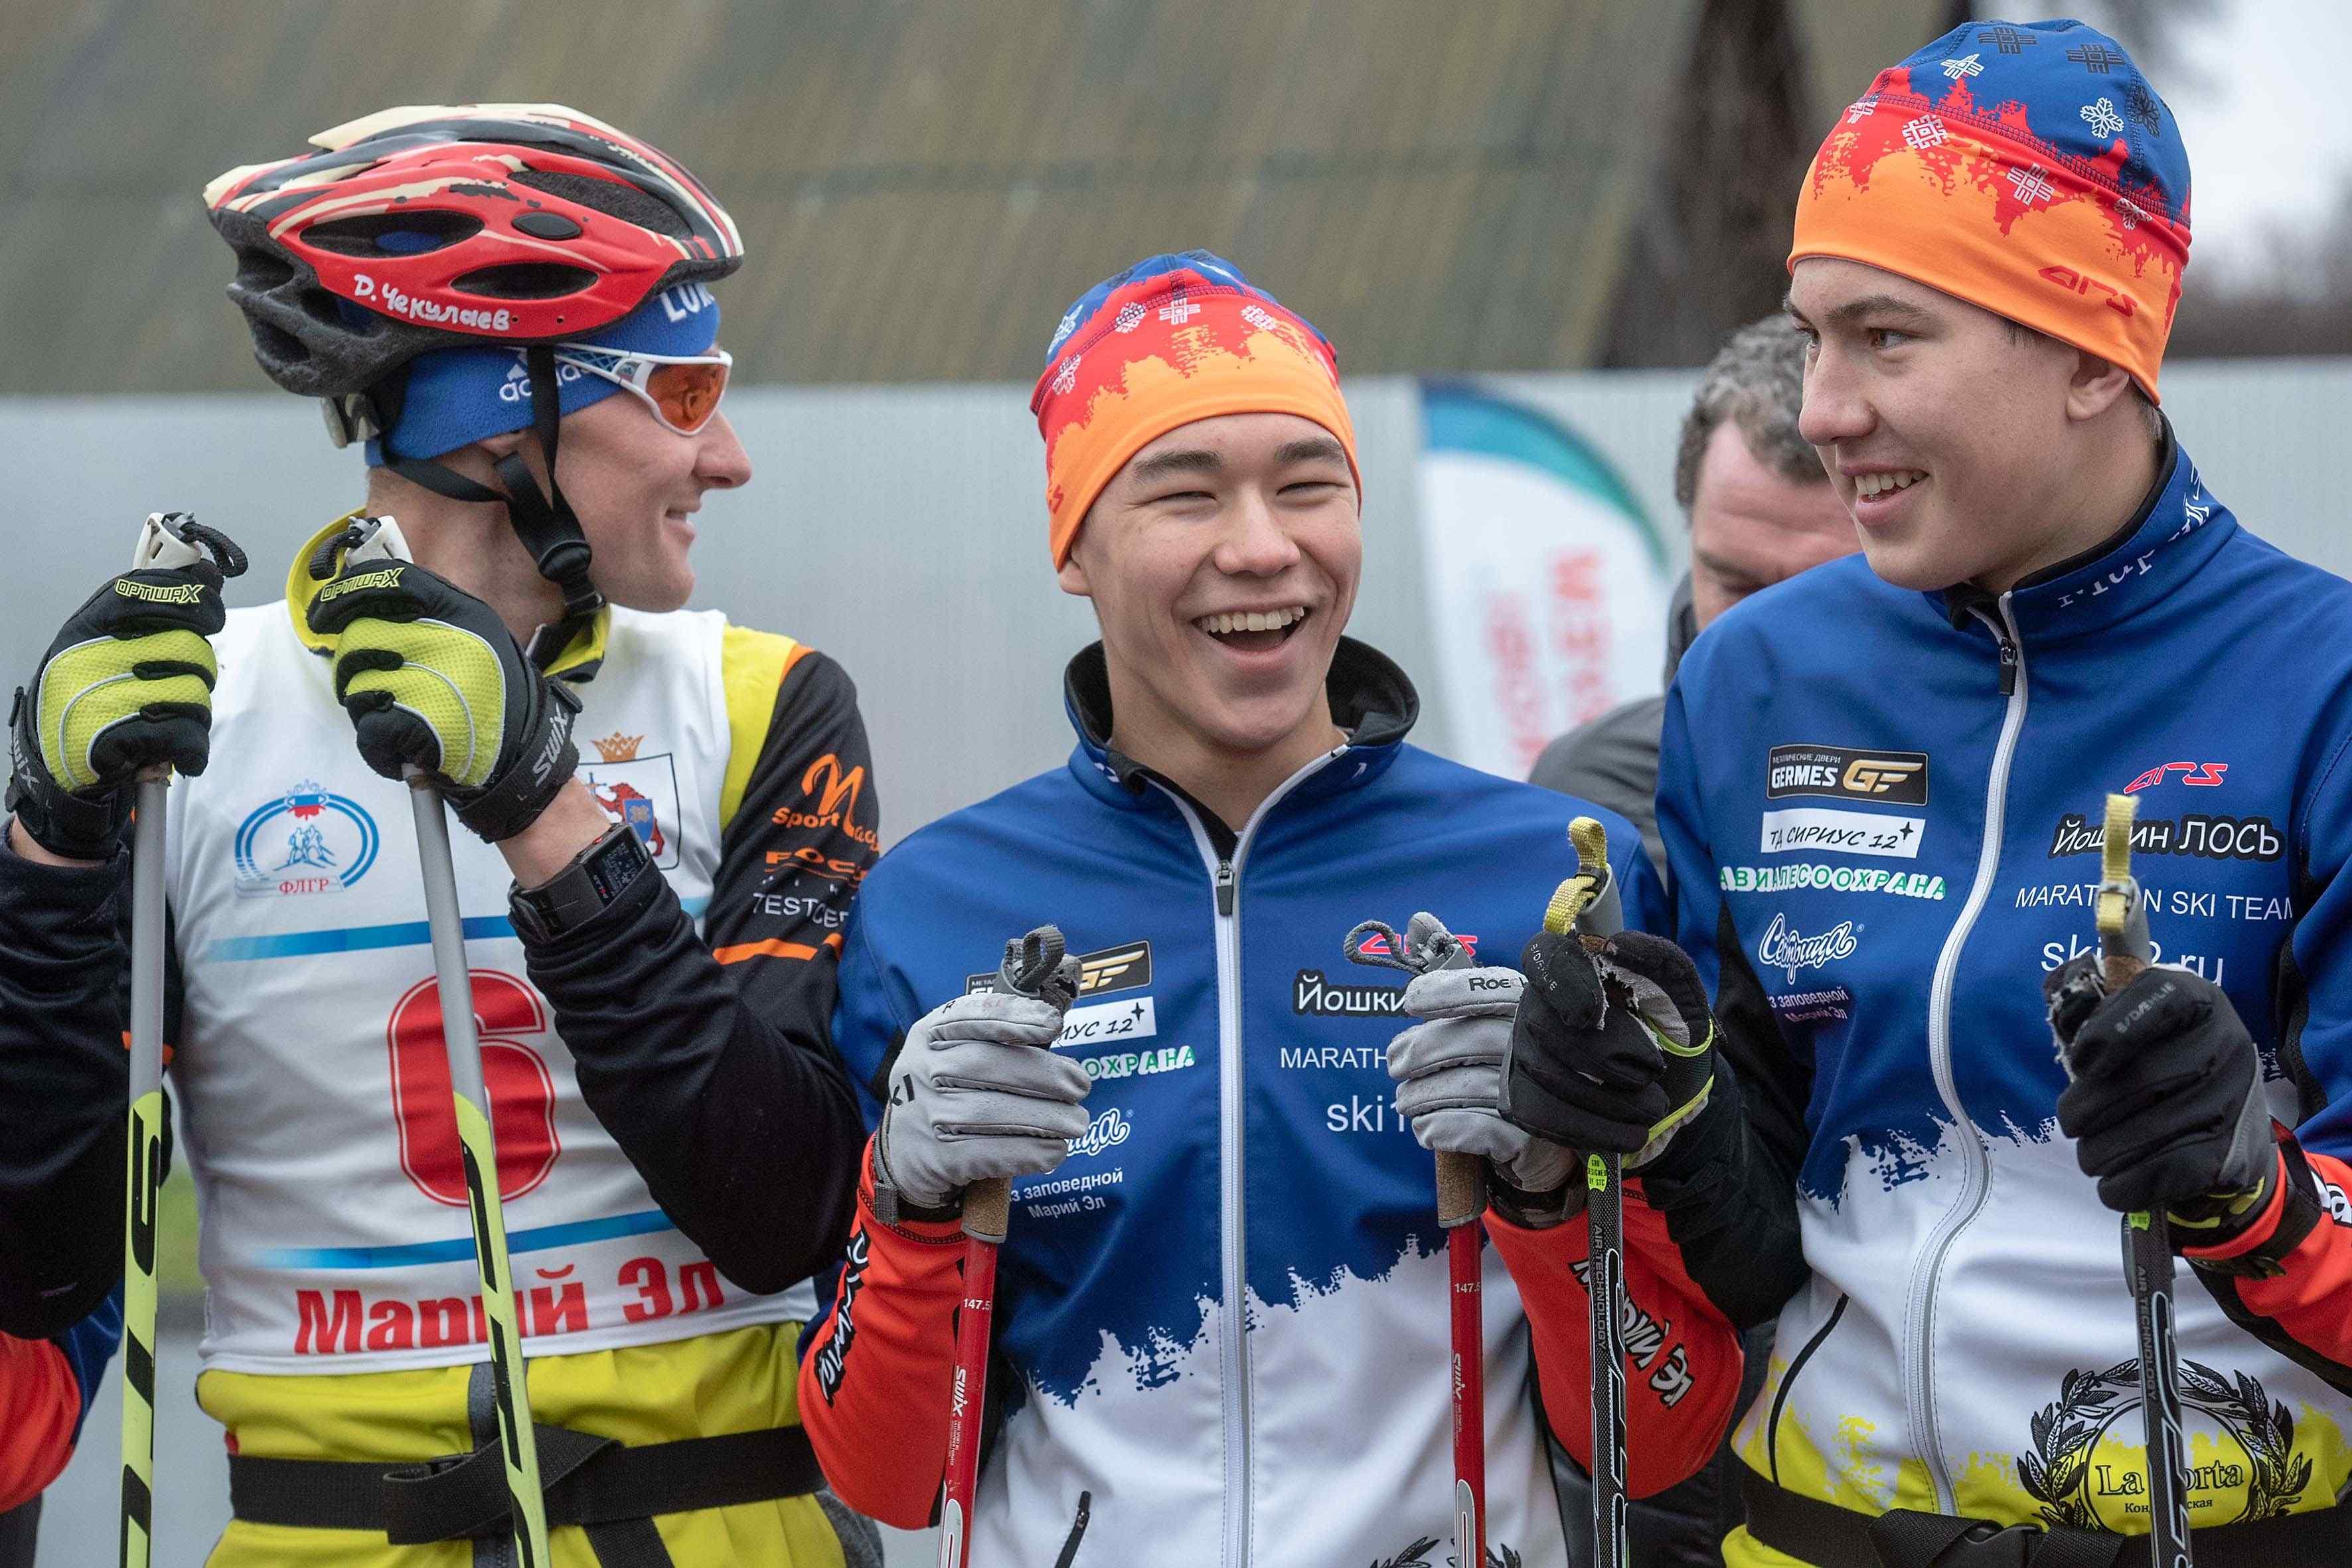 Главы Марий Эл и Федерации лыжных гонок РФ открыли лыжероллерную трассу